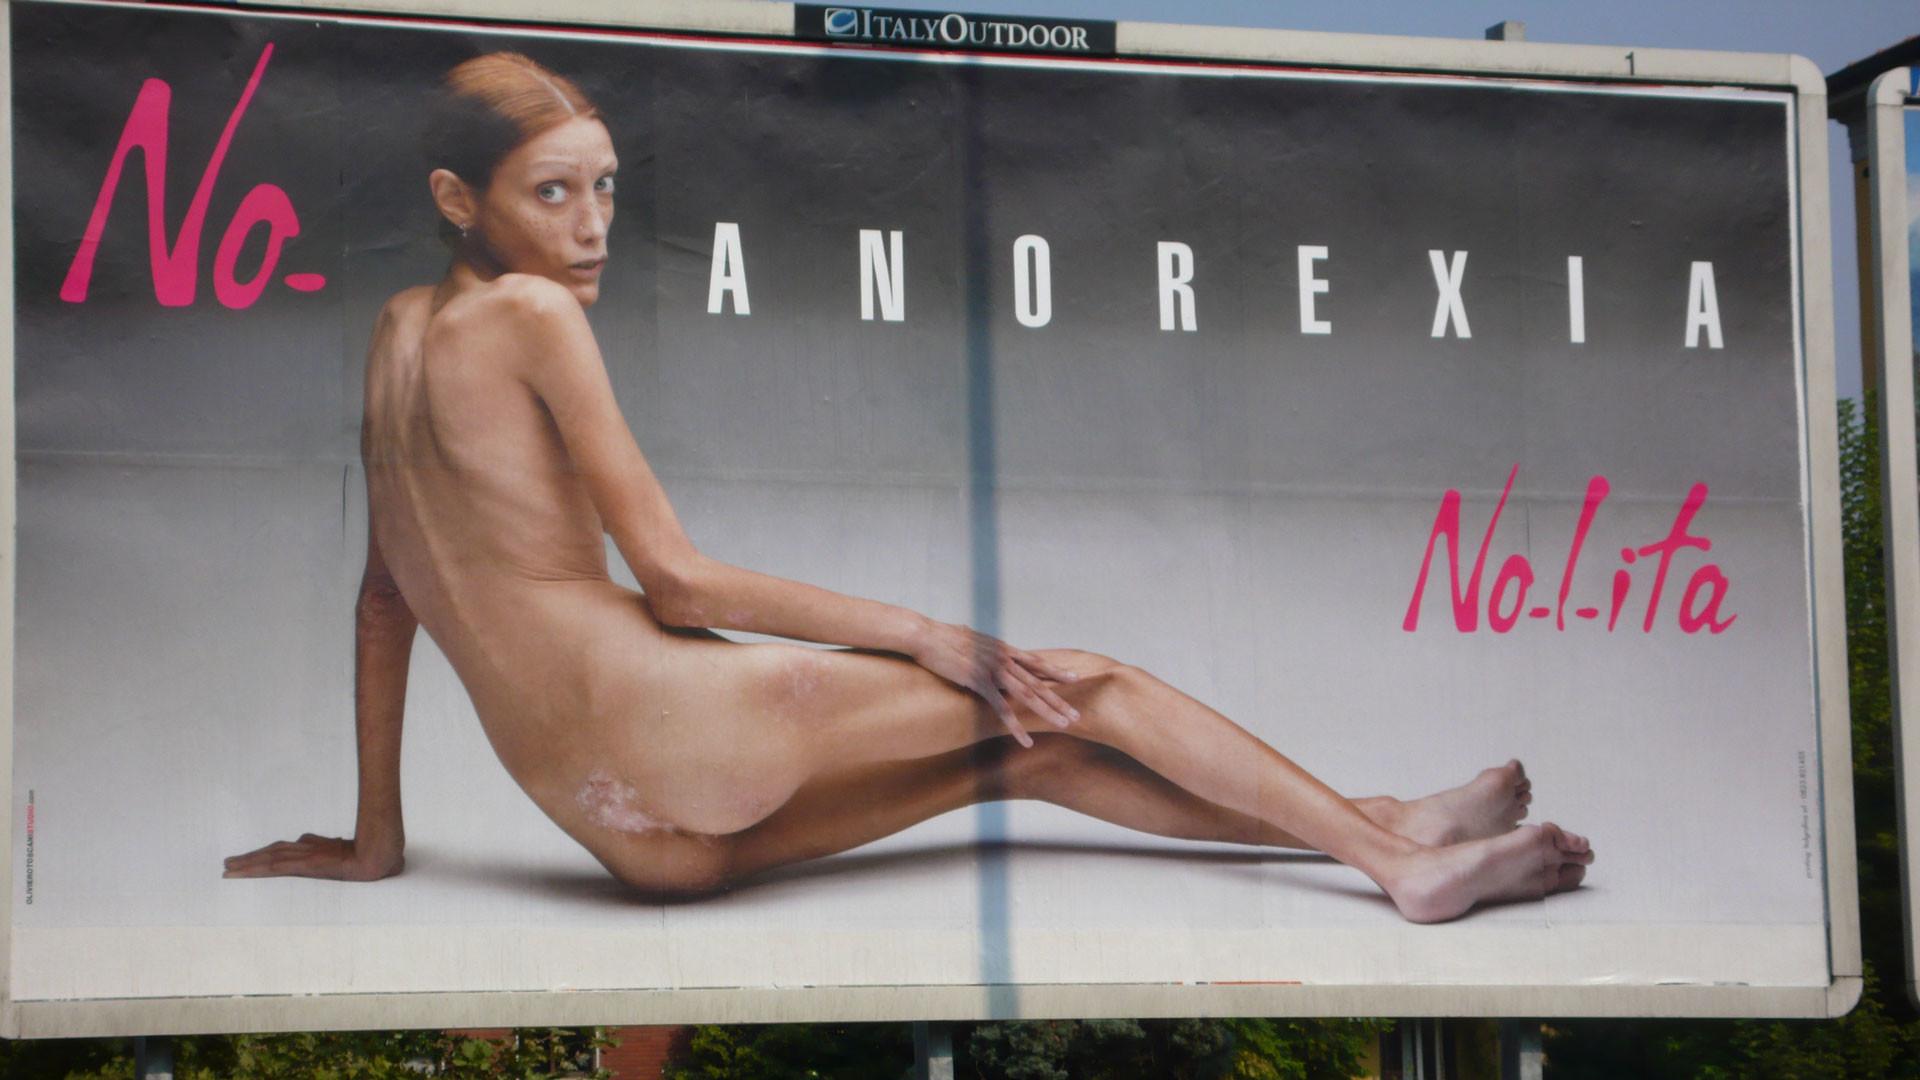 Гигантский плакат с обнажённой истощённой женщиной, часть кампании против анорексии итальянского фотографа Оливьеро Тоскани, в Милане, Италия. Фото: © AP Photo / Alberto Pellaschiar